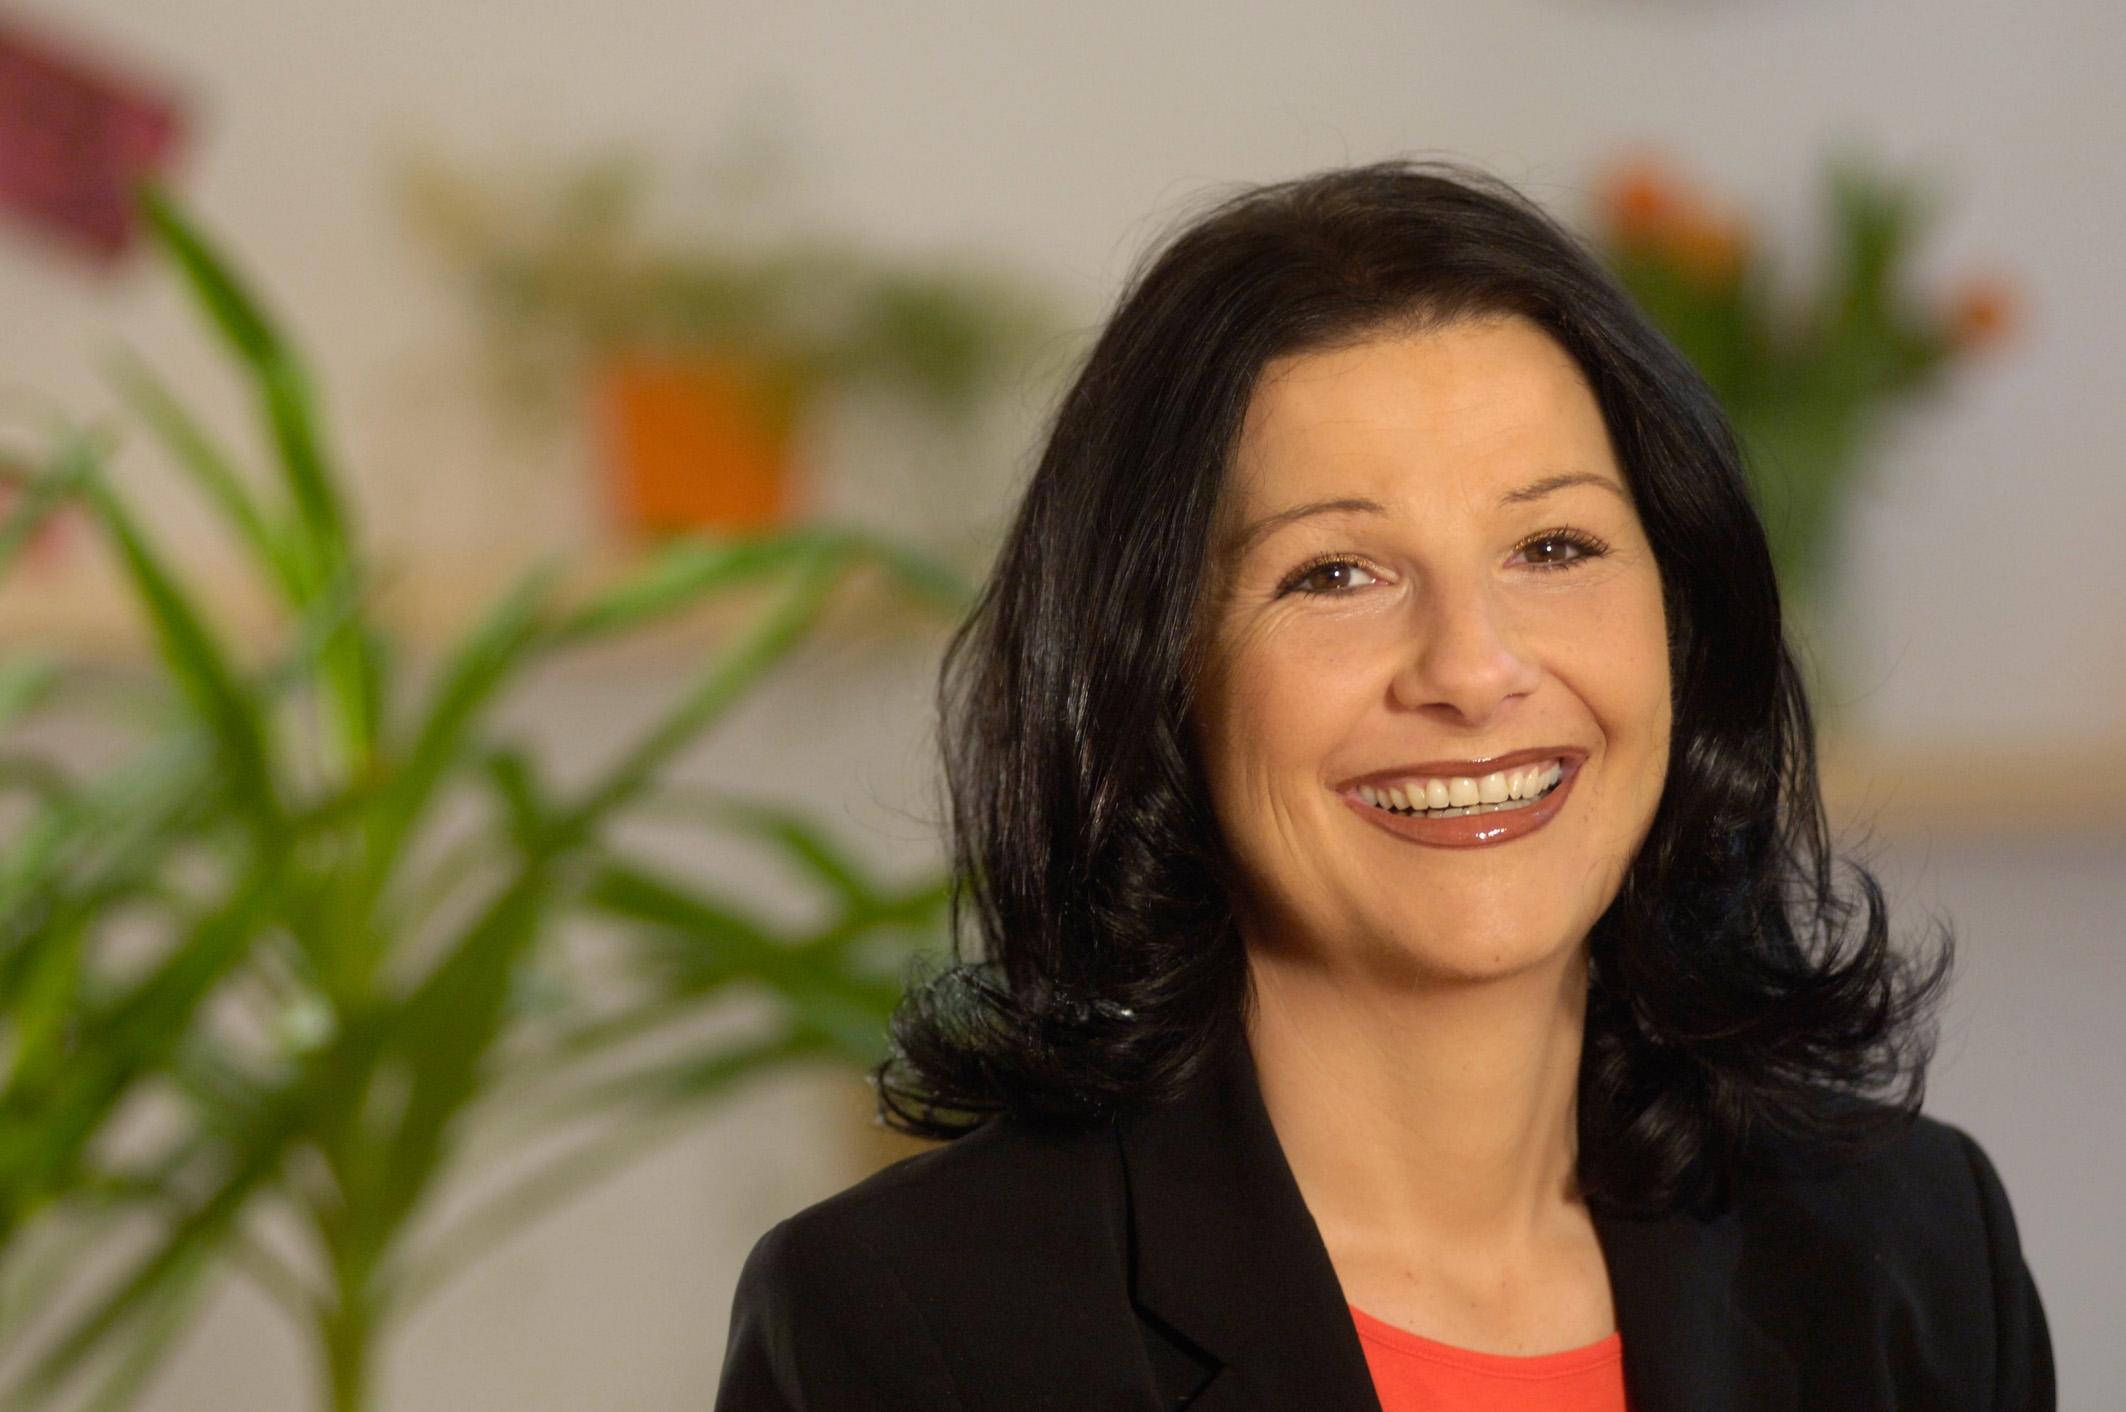 Manuela Lindbauer